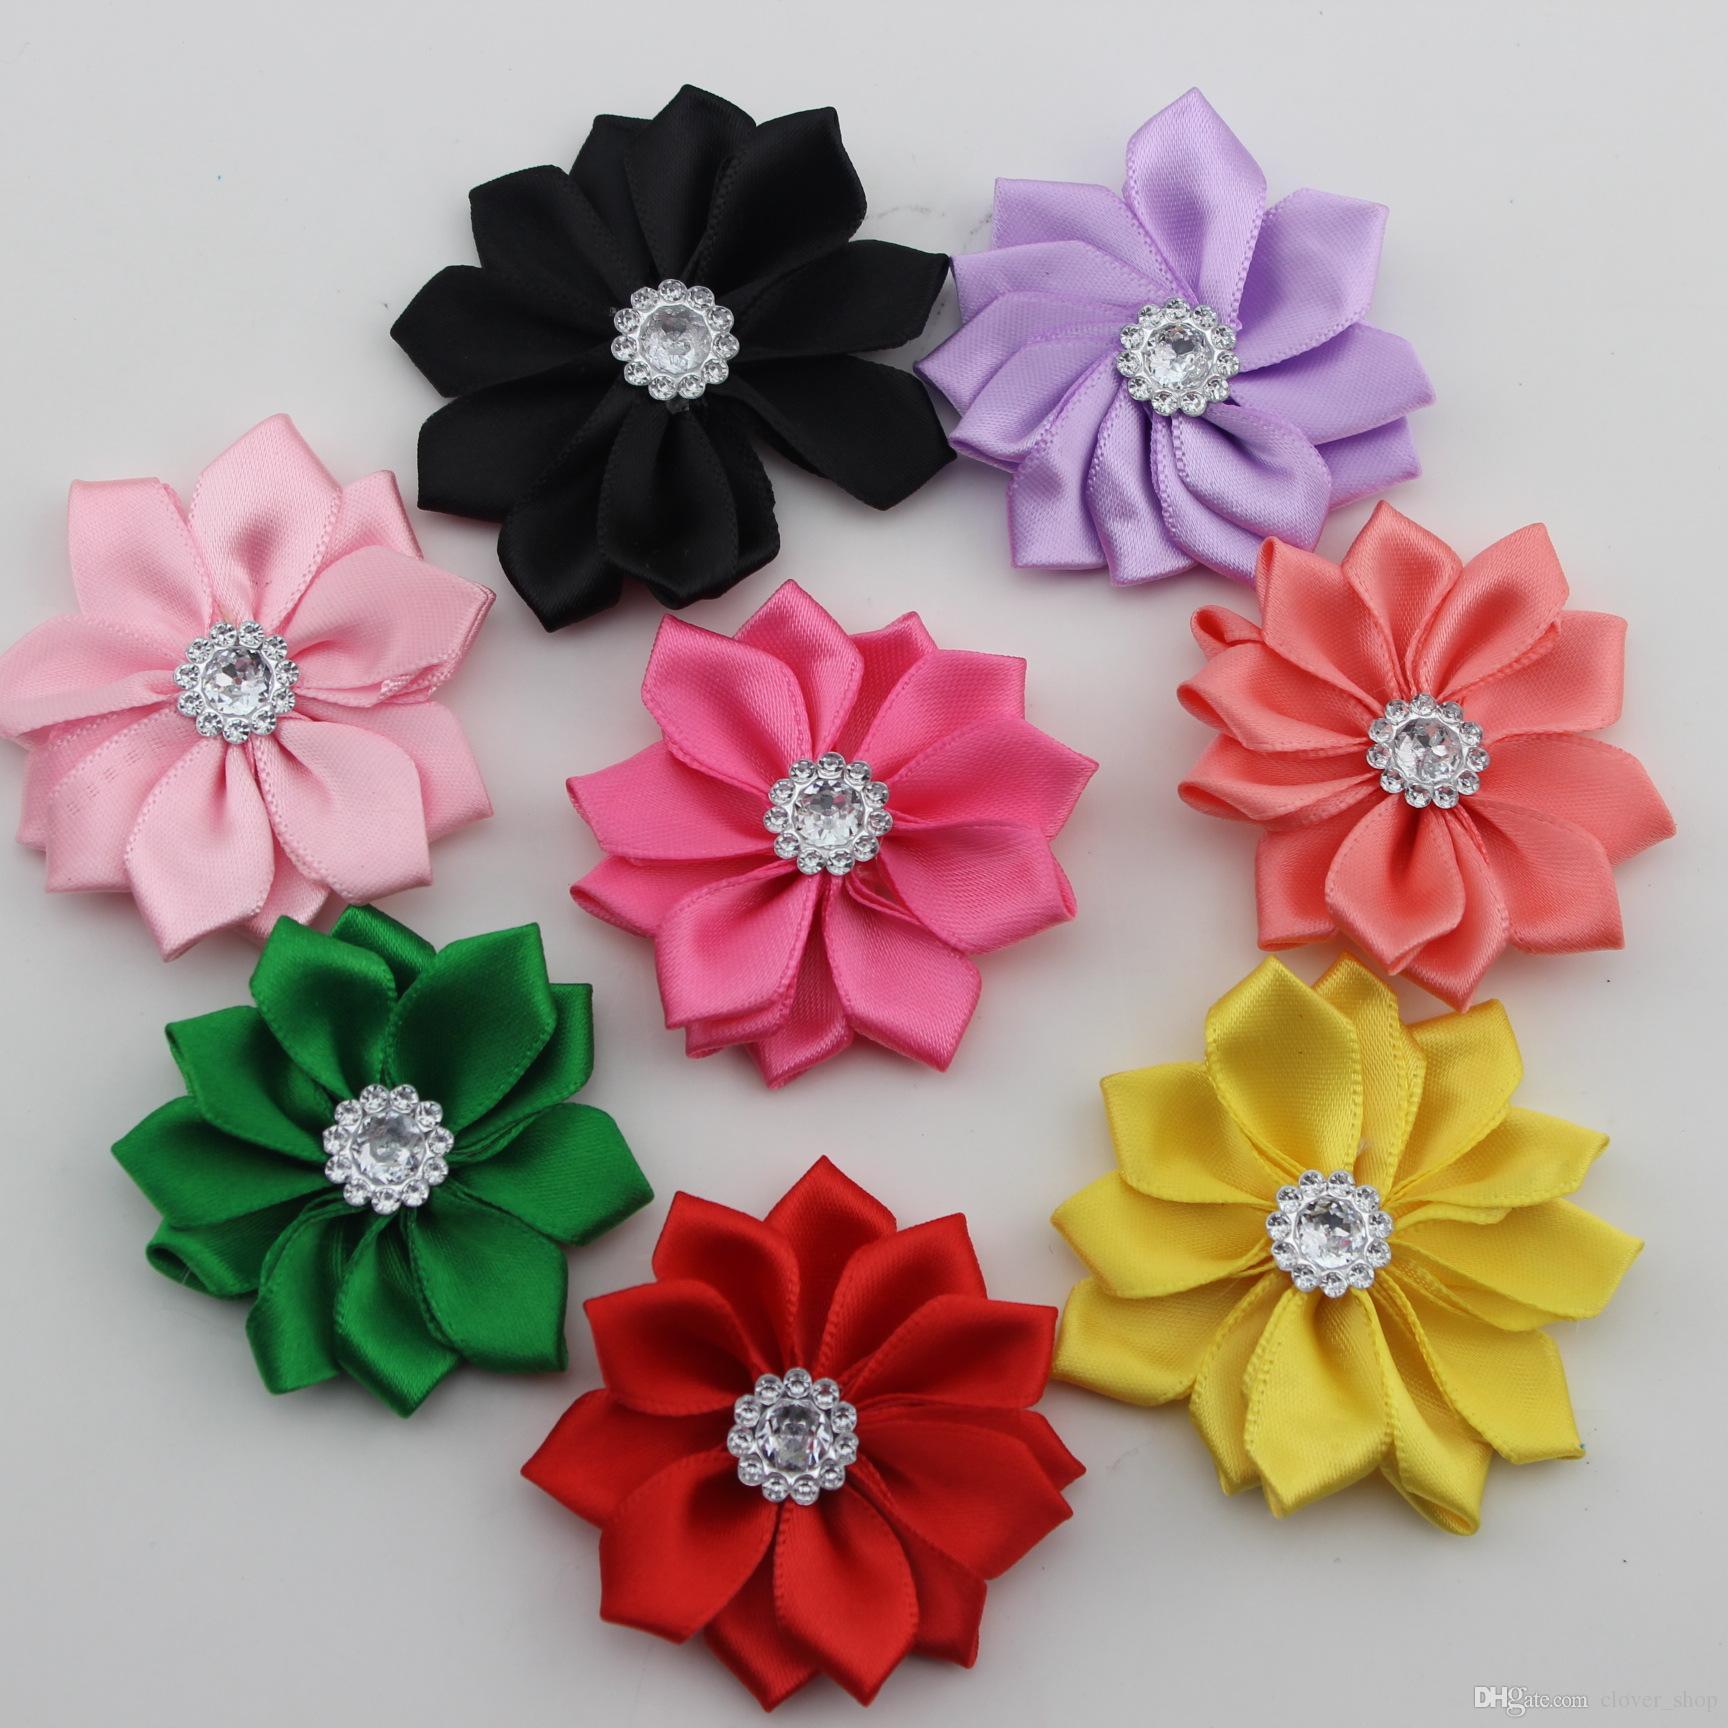 23 bonbons Couleurs Mode Tissu Fleur pour Bandeaux cristal Shank satin Fleurs Accessoires cheveux bricolage cadeaux